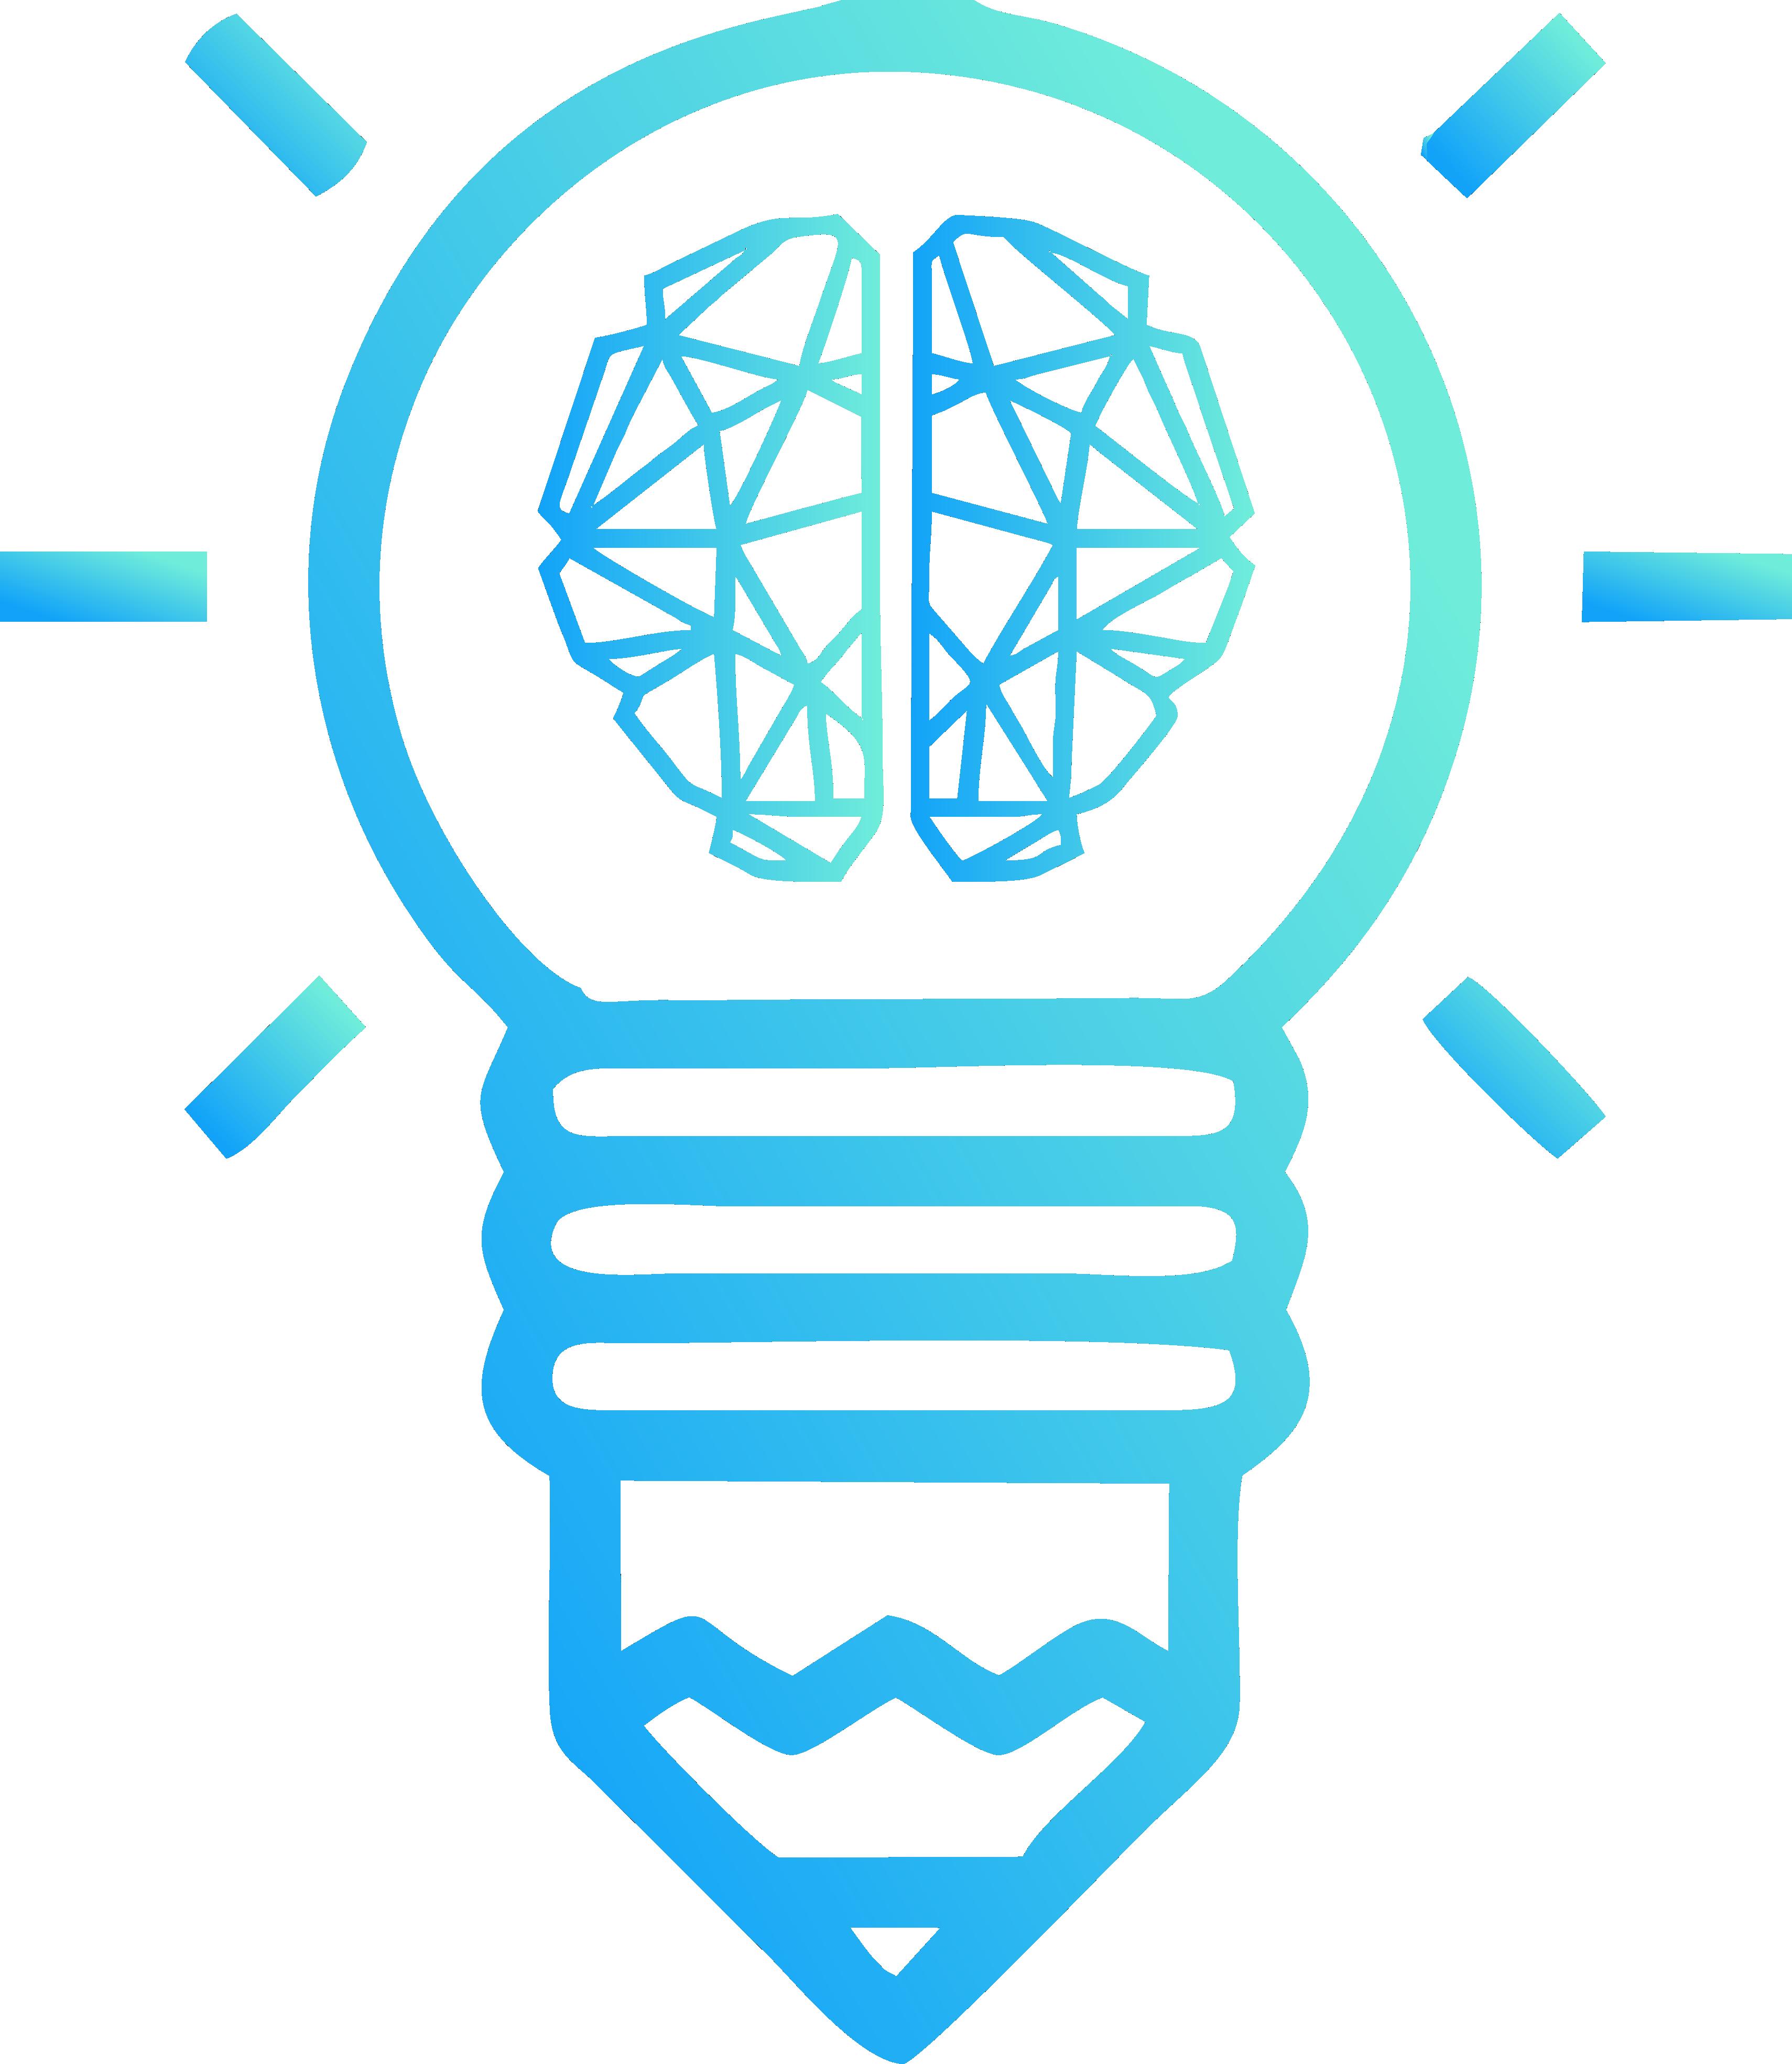 Lampada transformacional azul